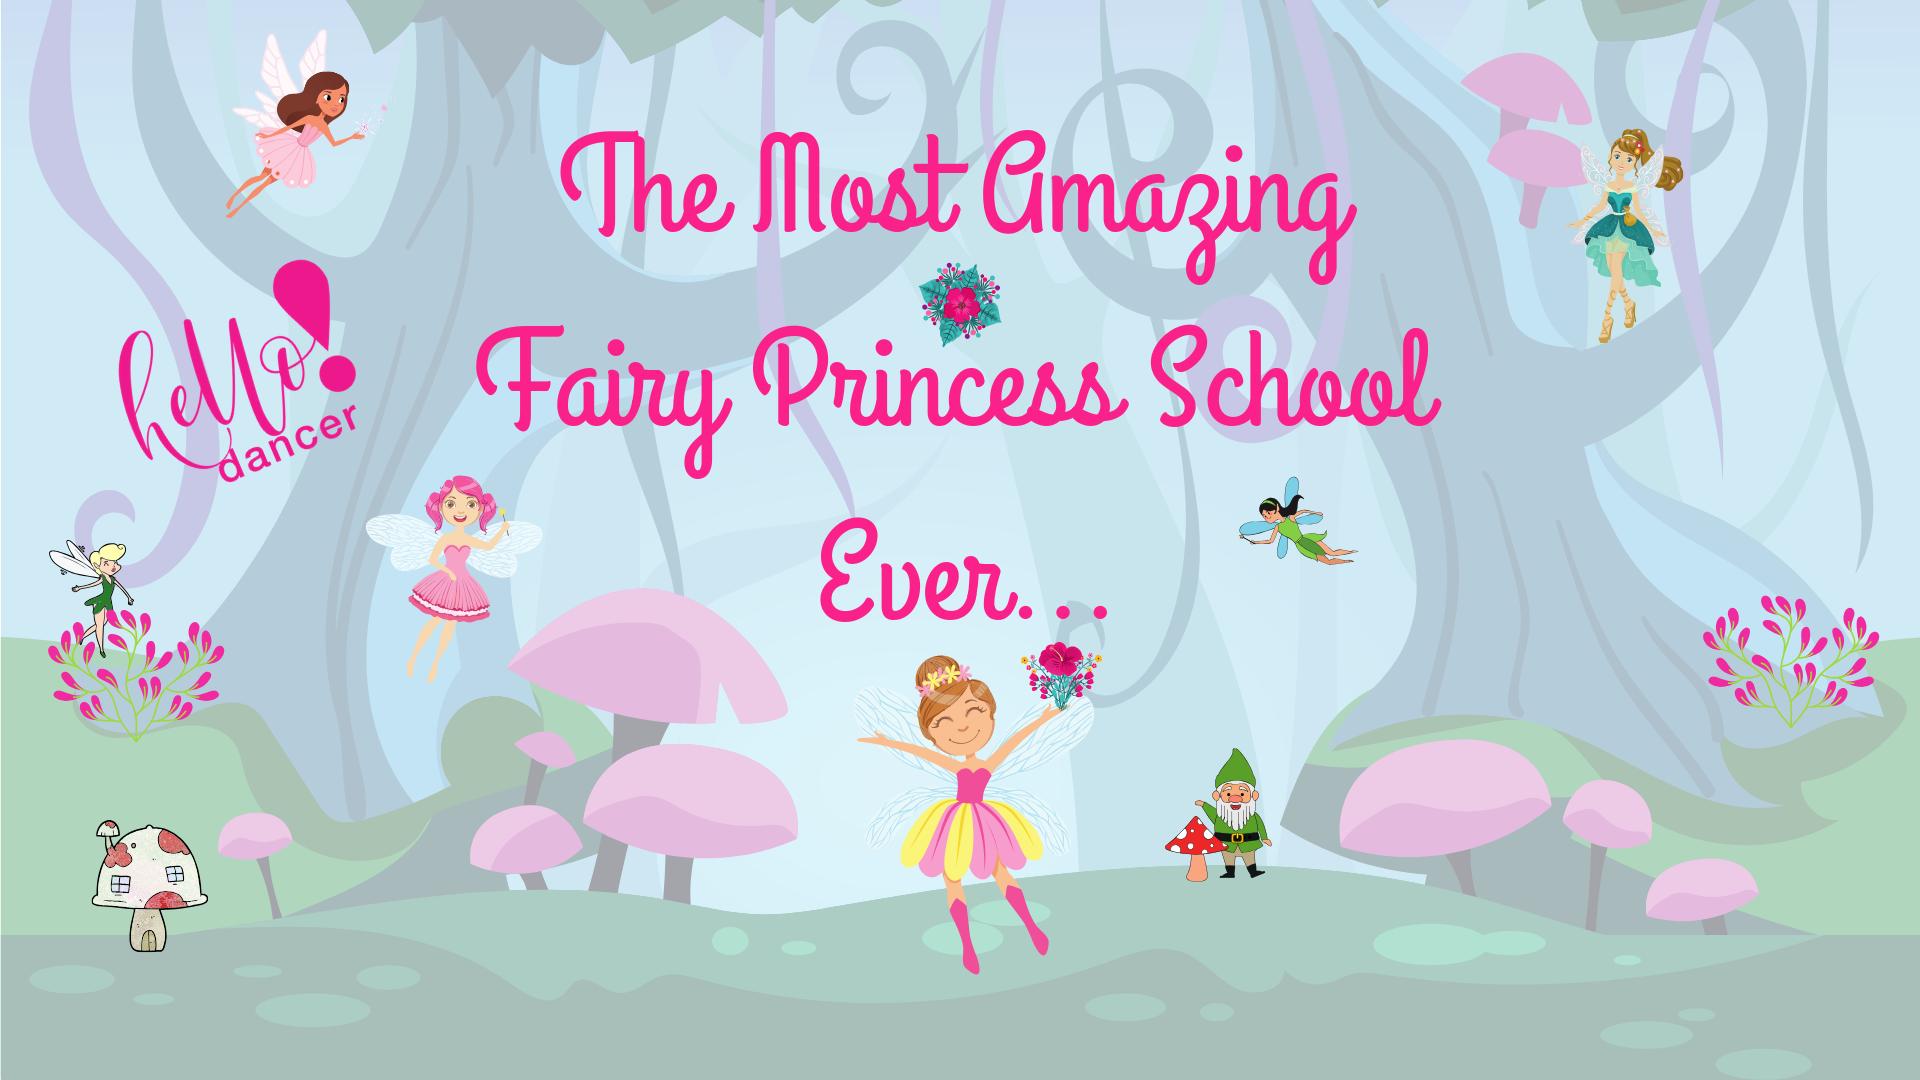 fairyprincess2019.png